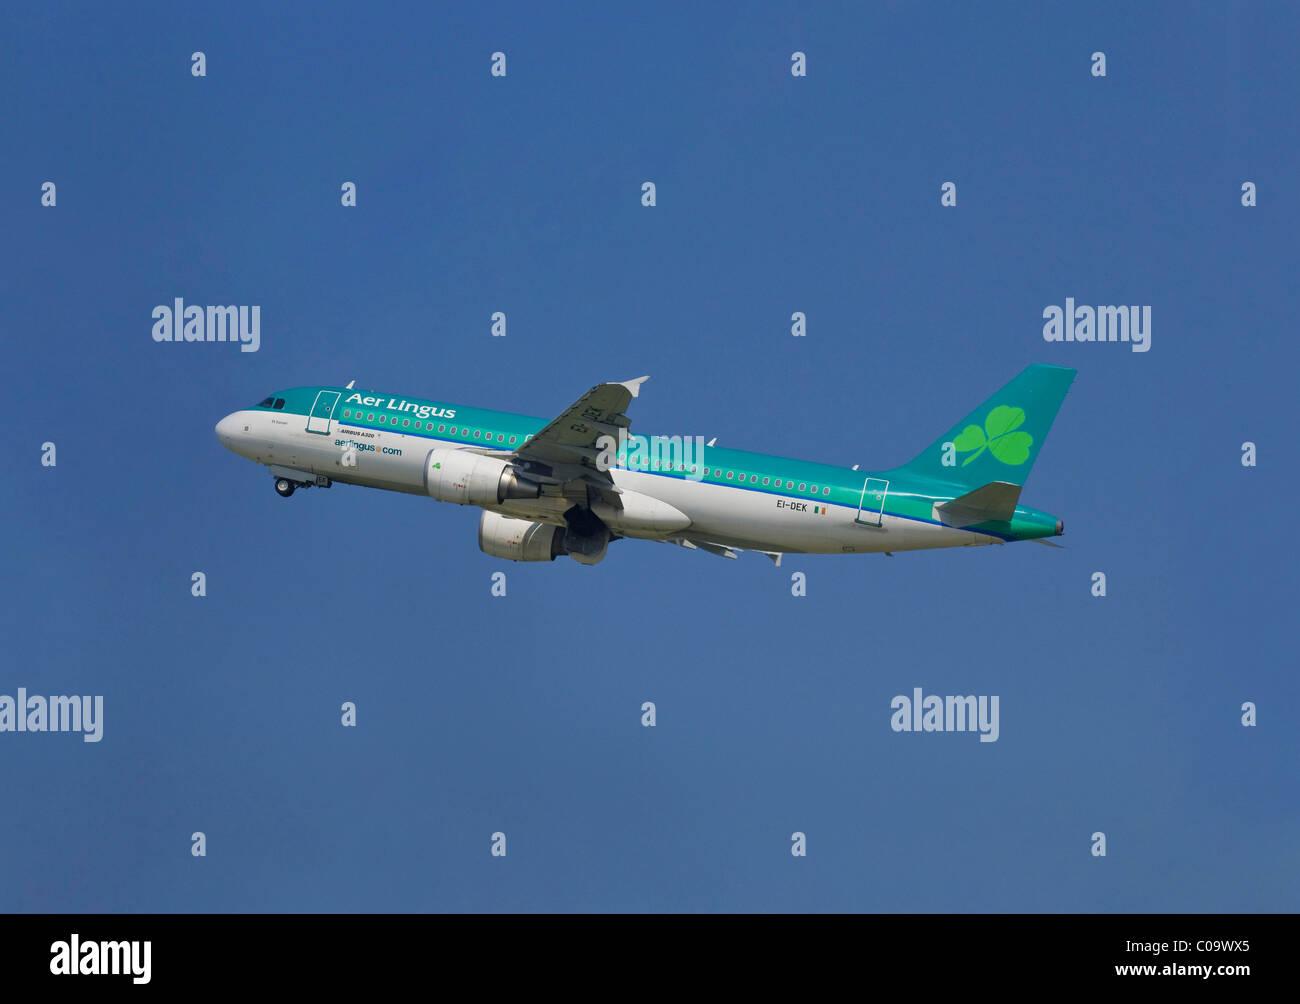 Avión de pasajeros de la compañía aérea irlandesa Aer Lingus, Airbus A320-214, subir contra el cielo azul Foto de stock